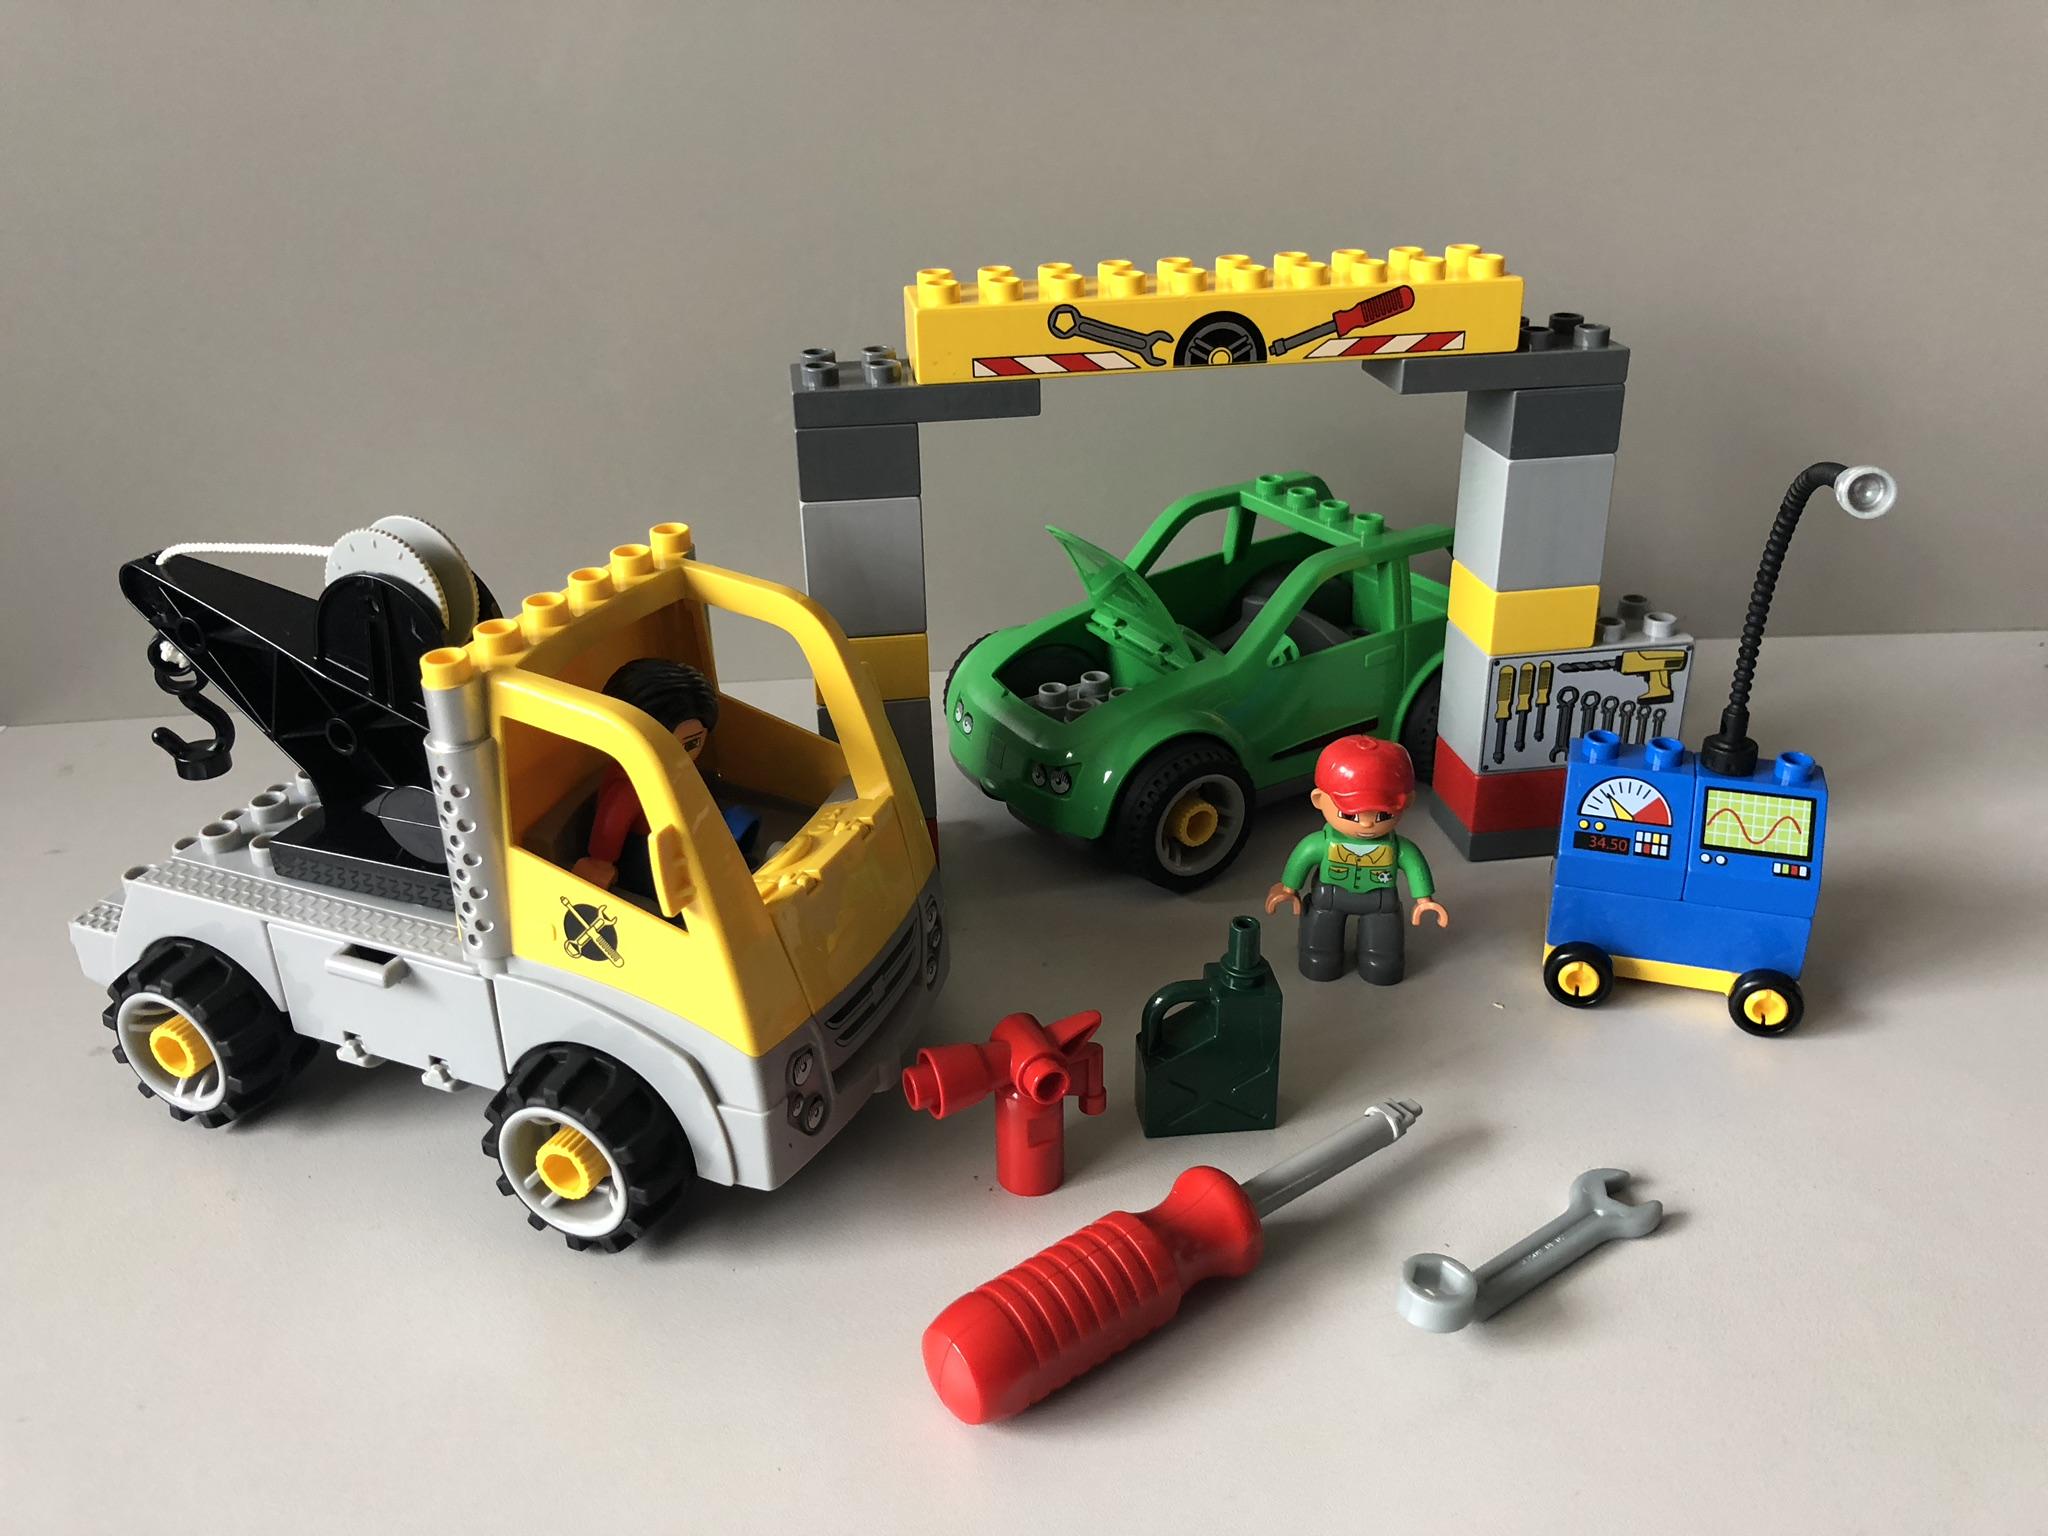 Lego Duplo Zestaw 5641 Warsztat Samochodowy 7238443969